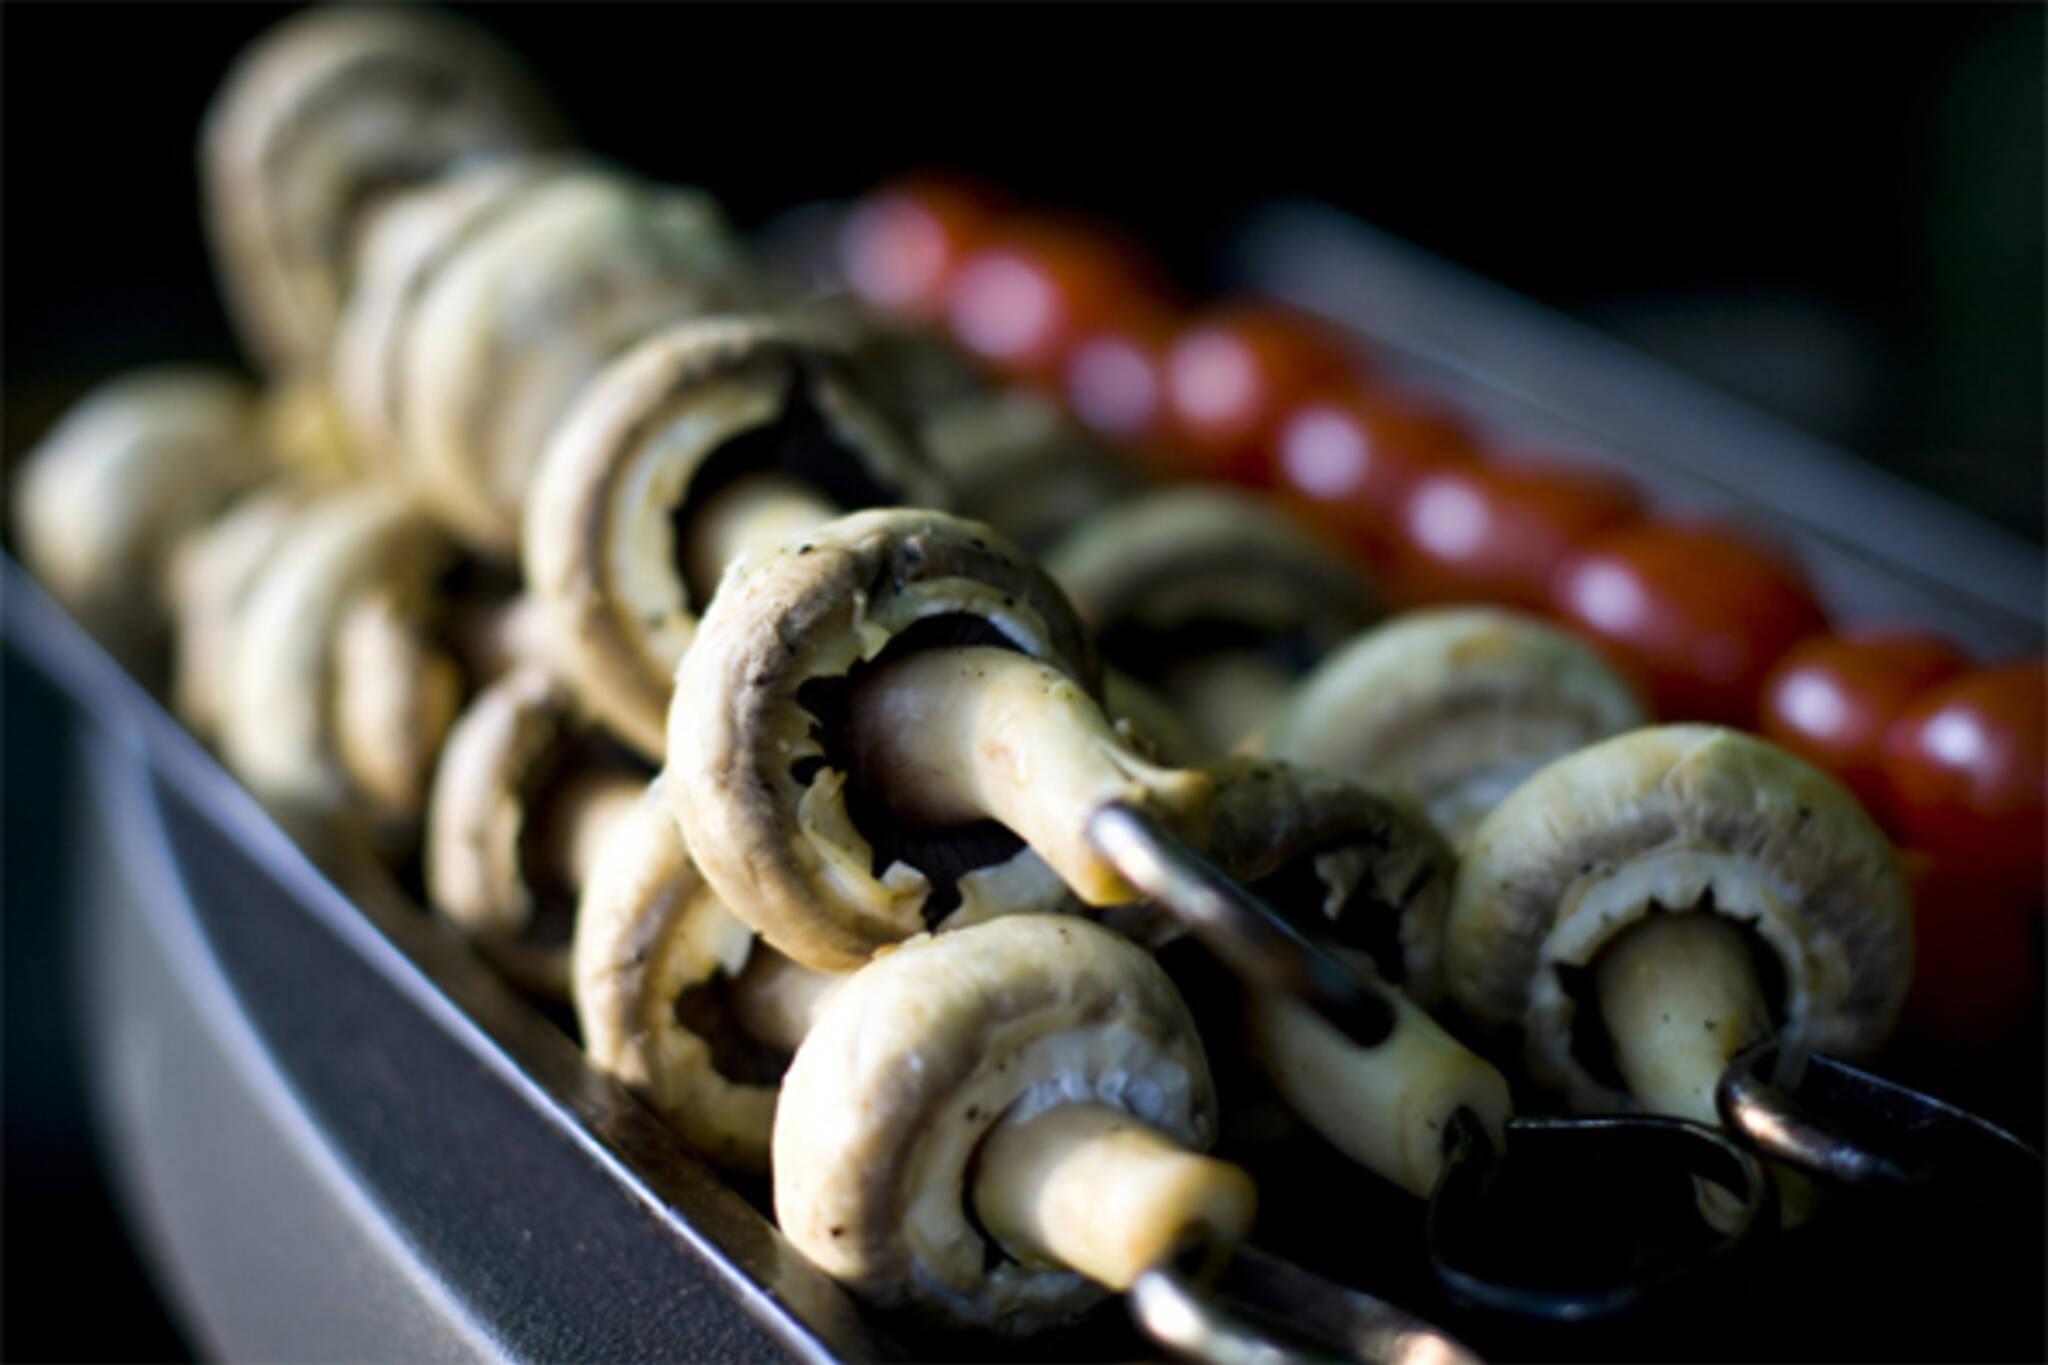 canada's longest barbeque